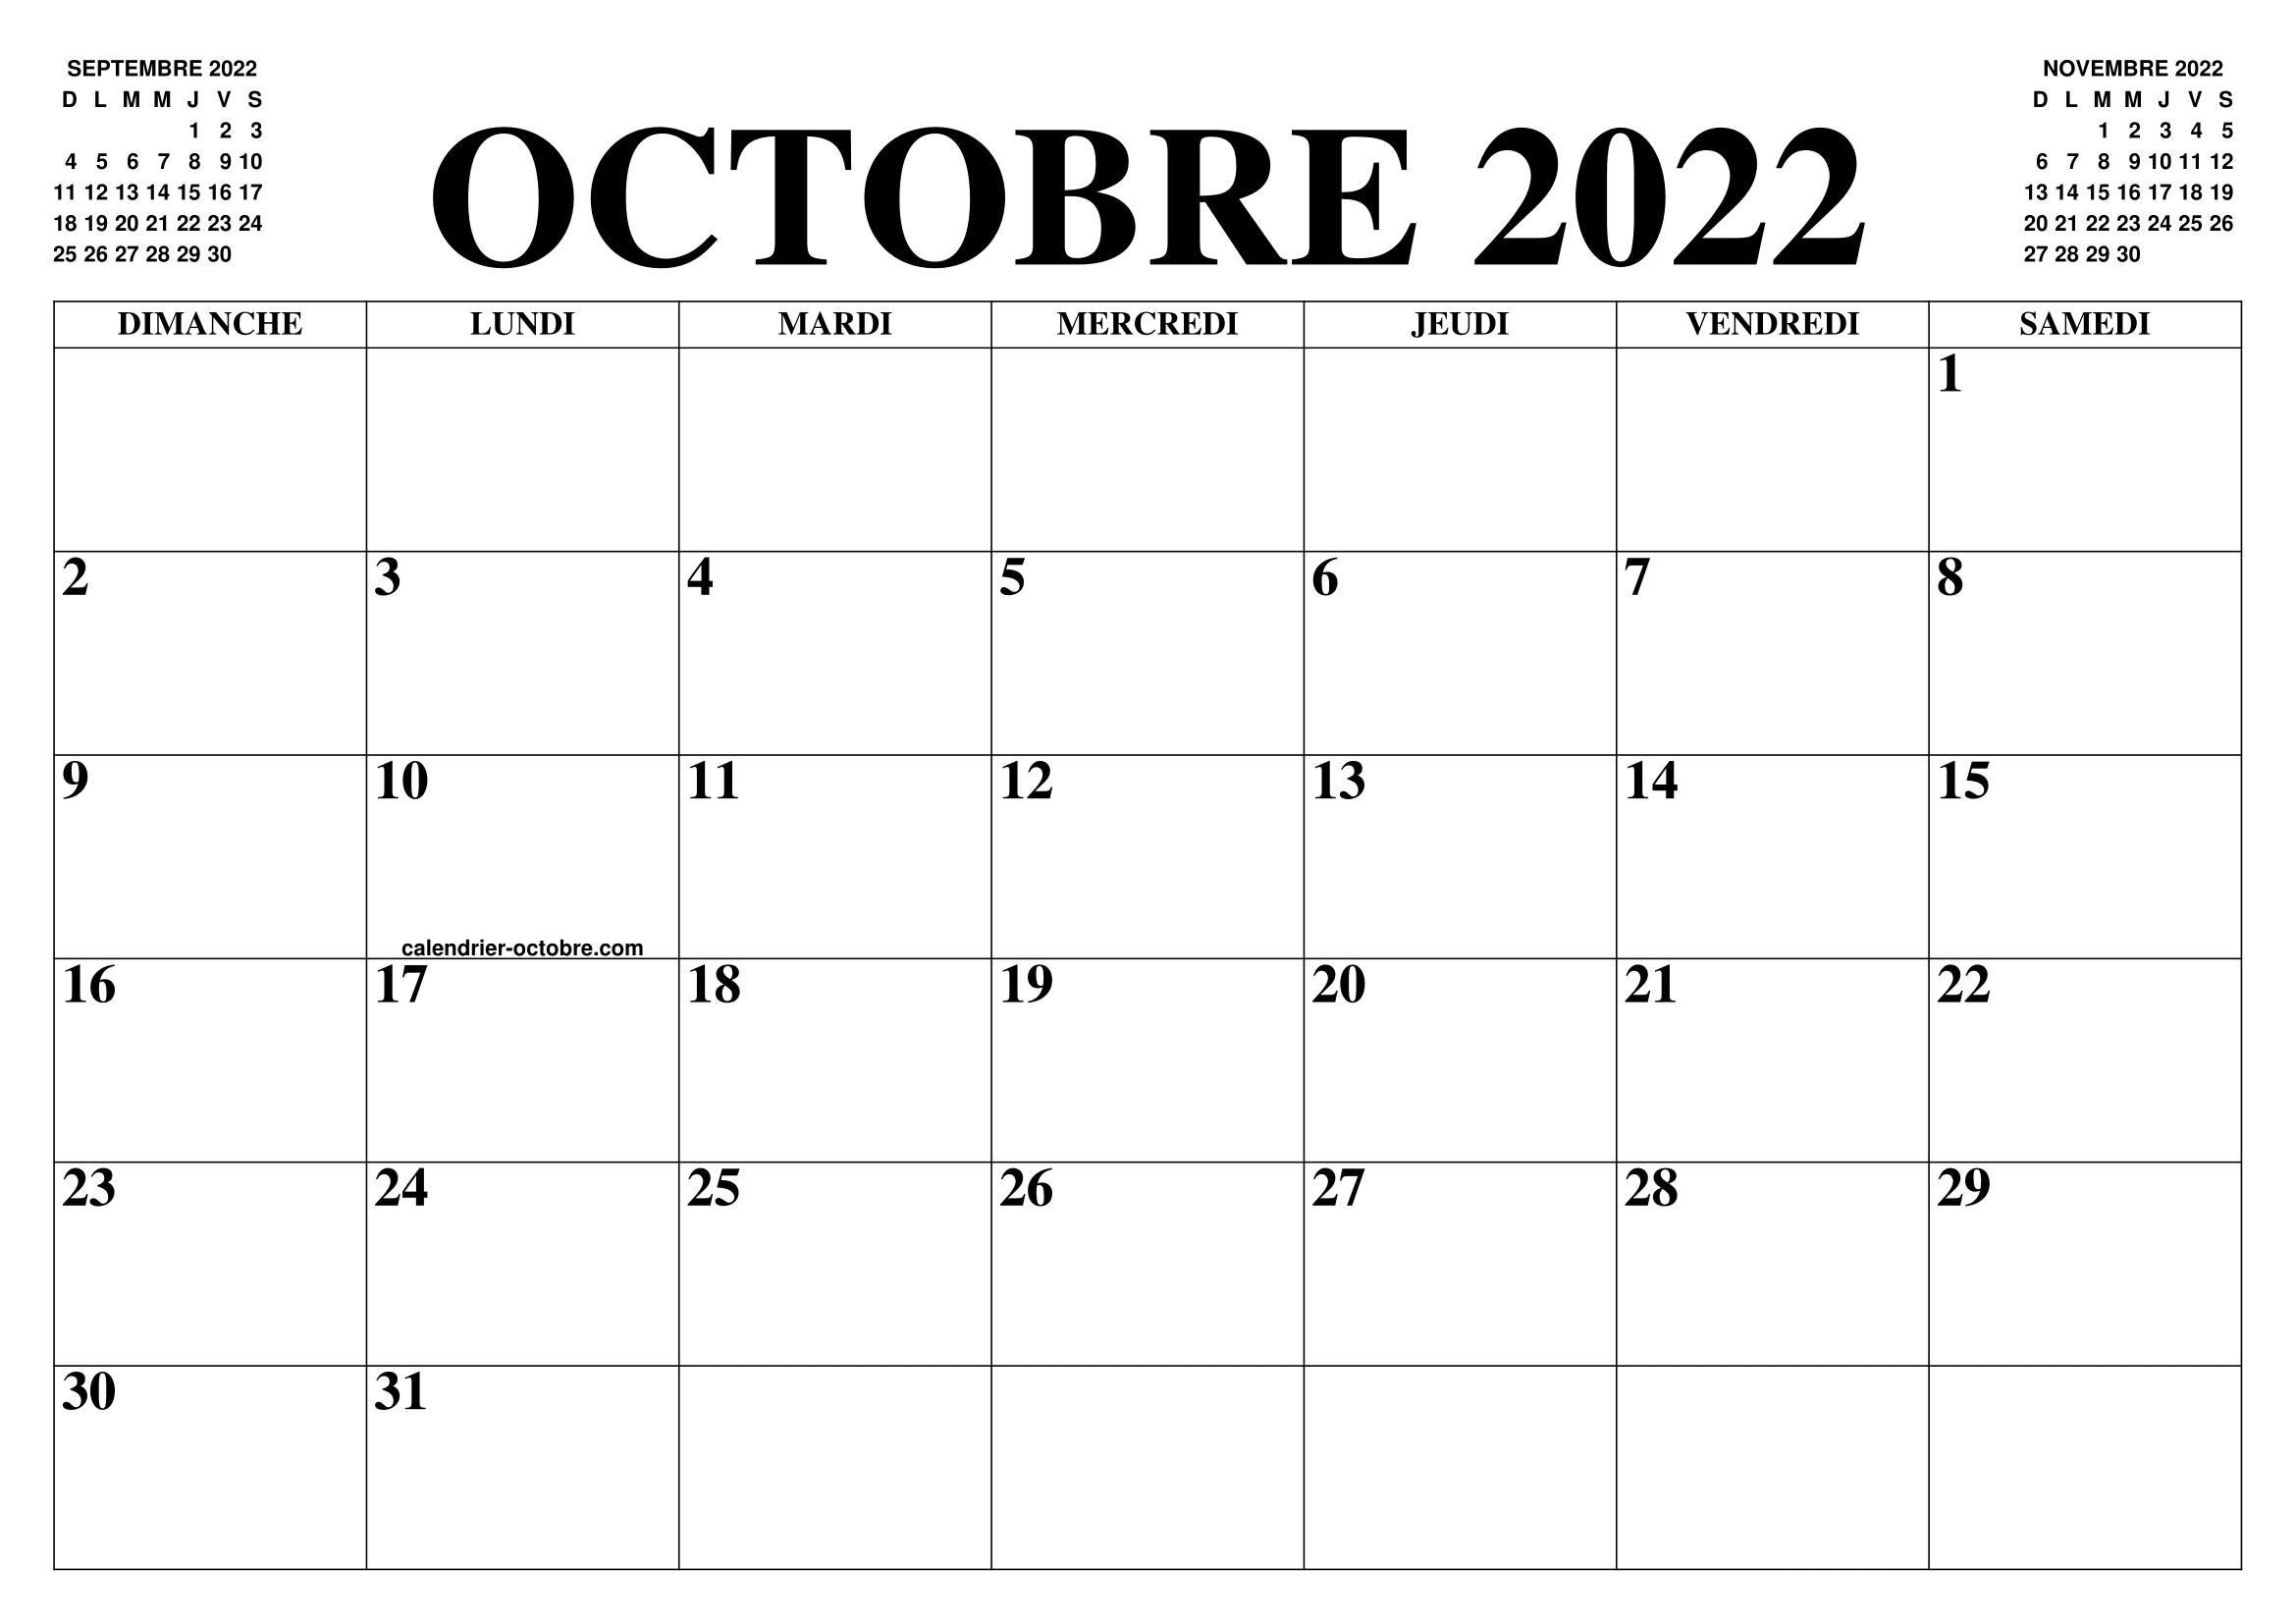 Calendrier 2022 Octobre CALENDRIER OCTOBRE 2022 : LE CALENDRIER DU MOIS DE OCTOBRE GRATUIT